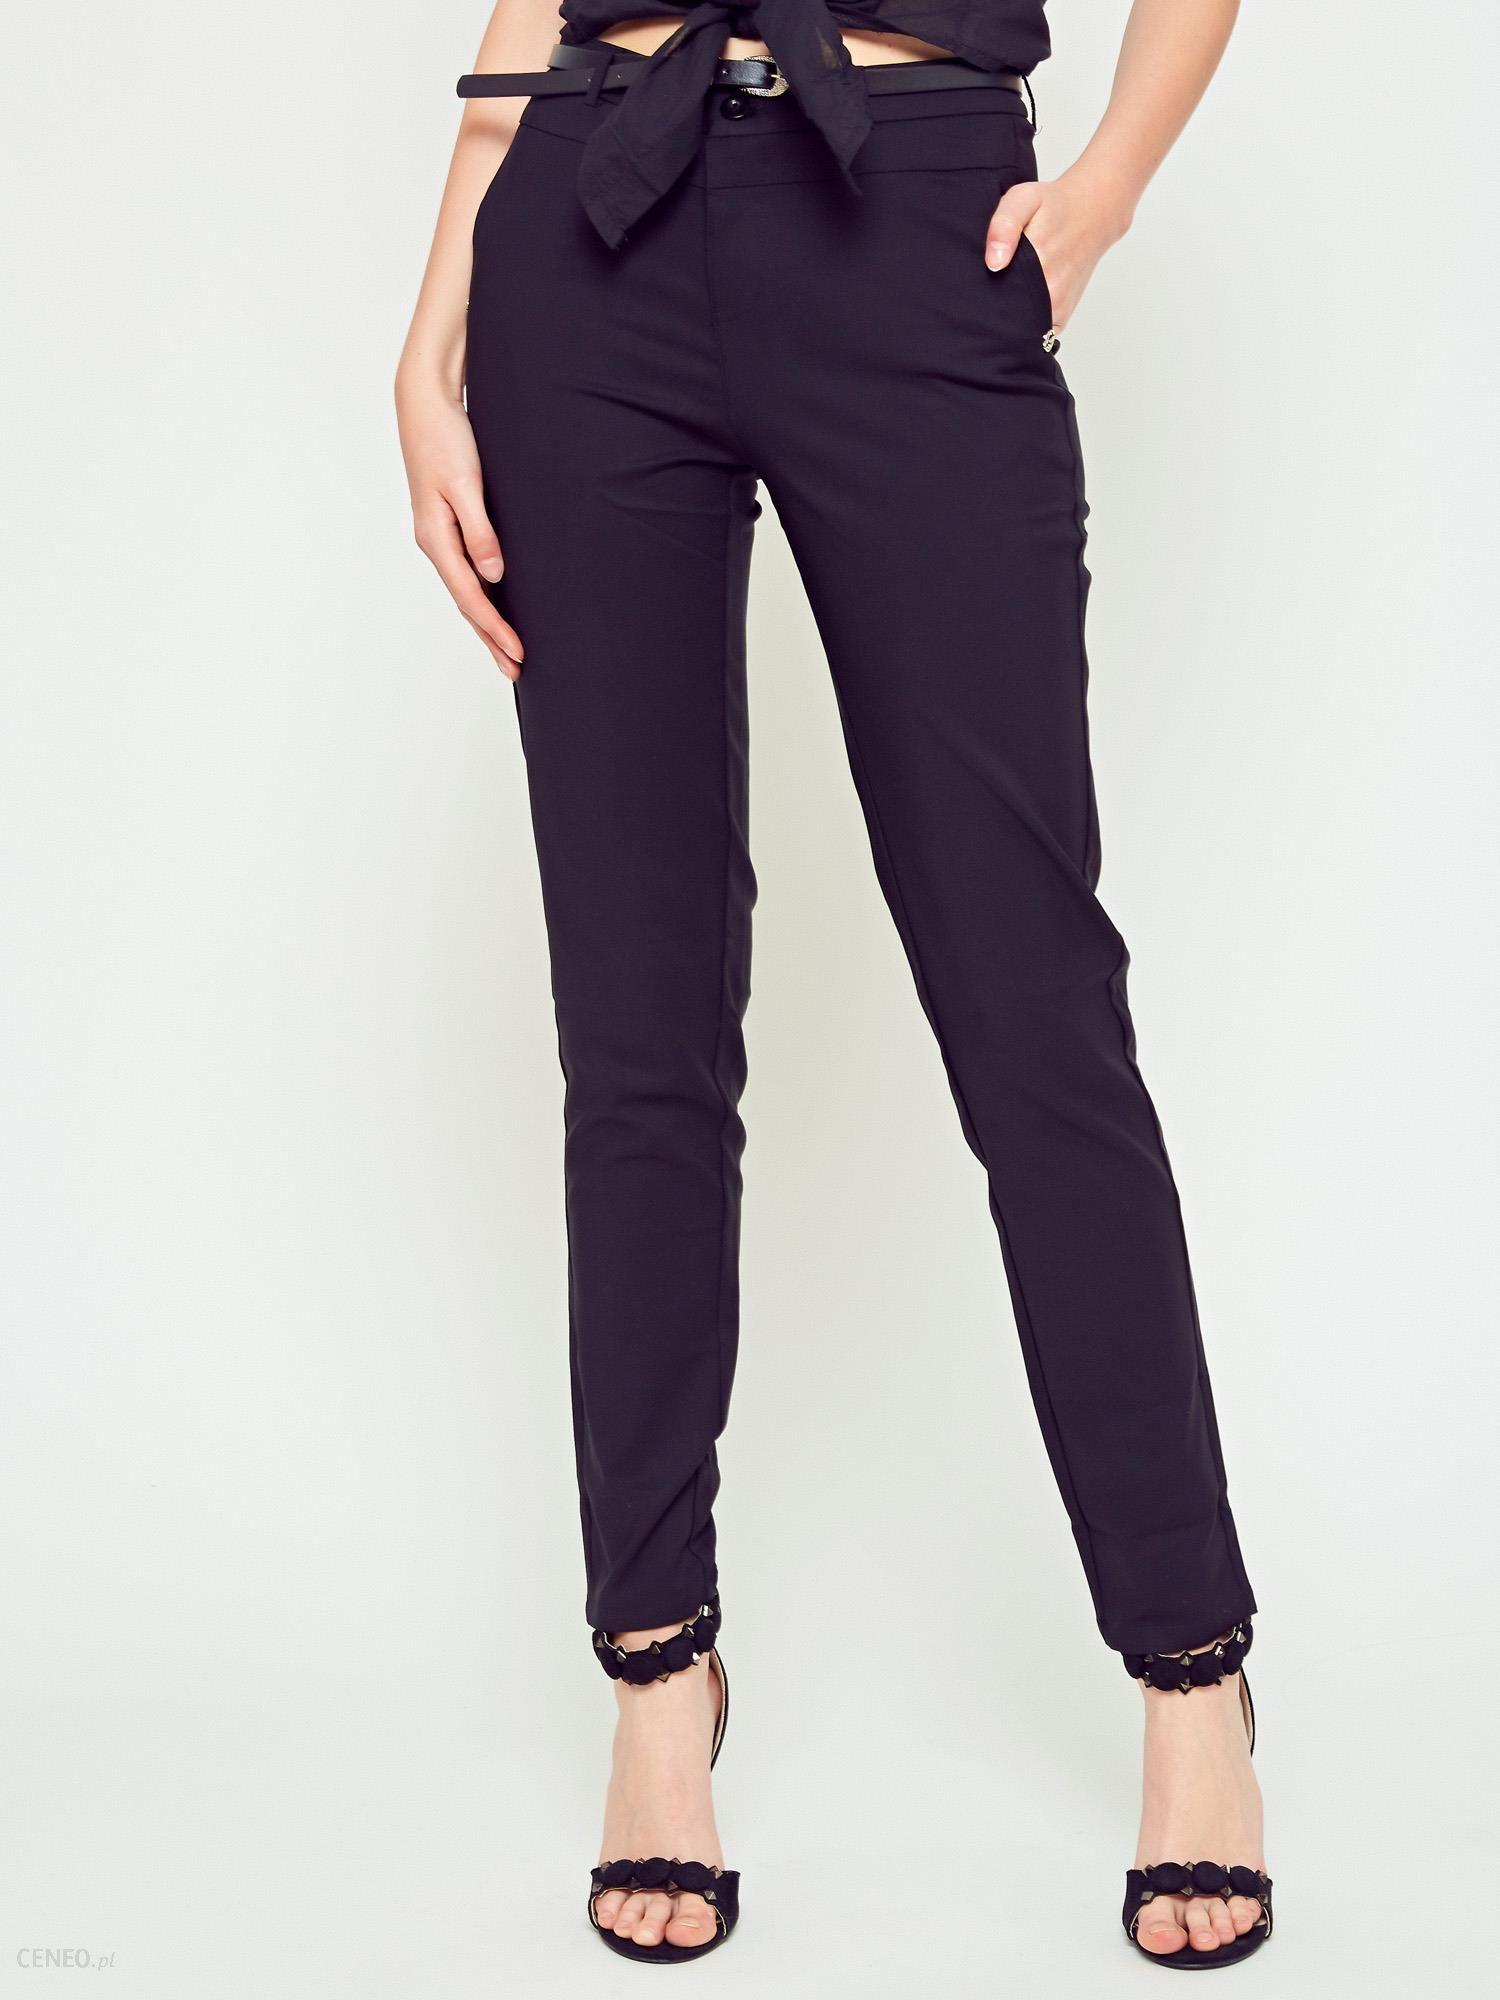 0261f9ef6c87 Spodnie Freesia klasyczne czarne - Ceny i opinie - Ceneo.pl